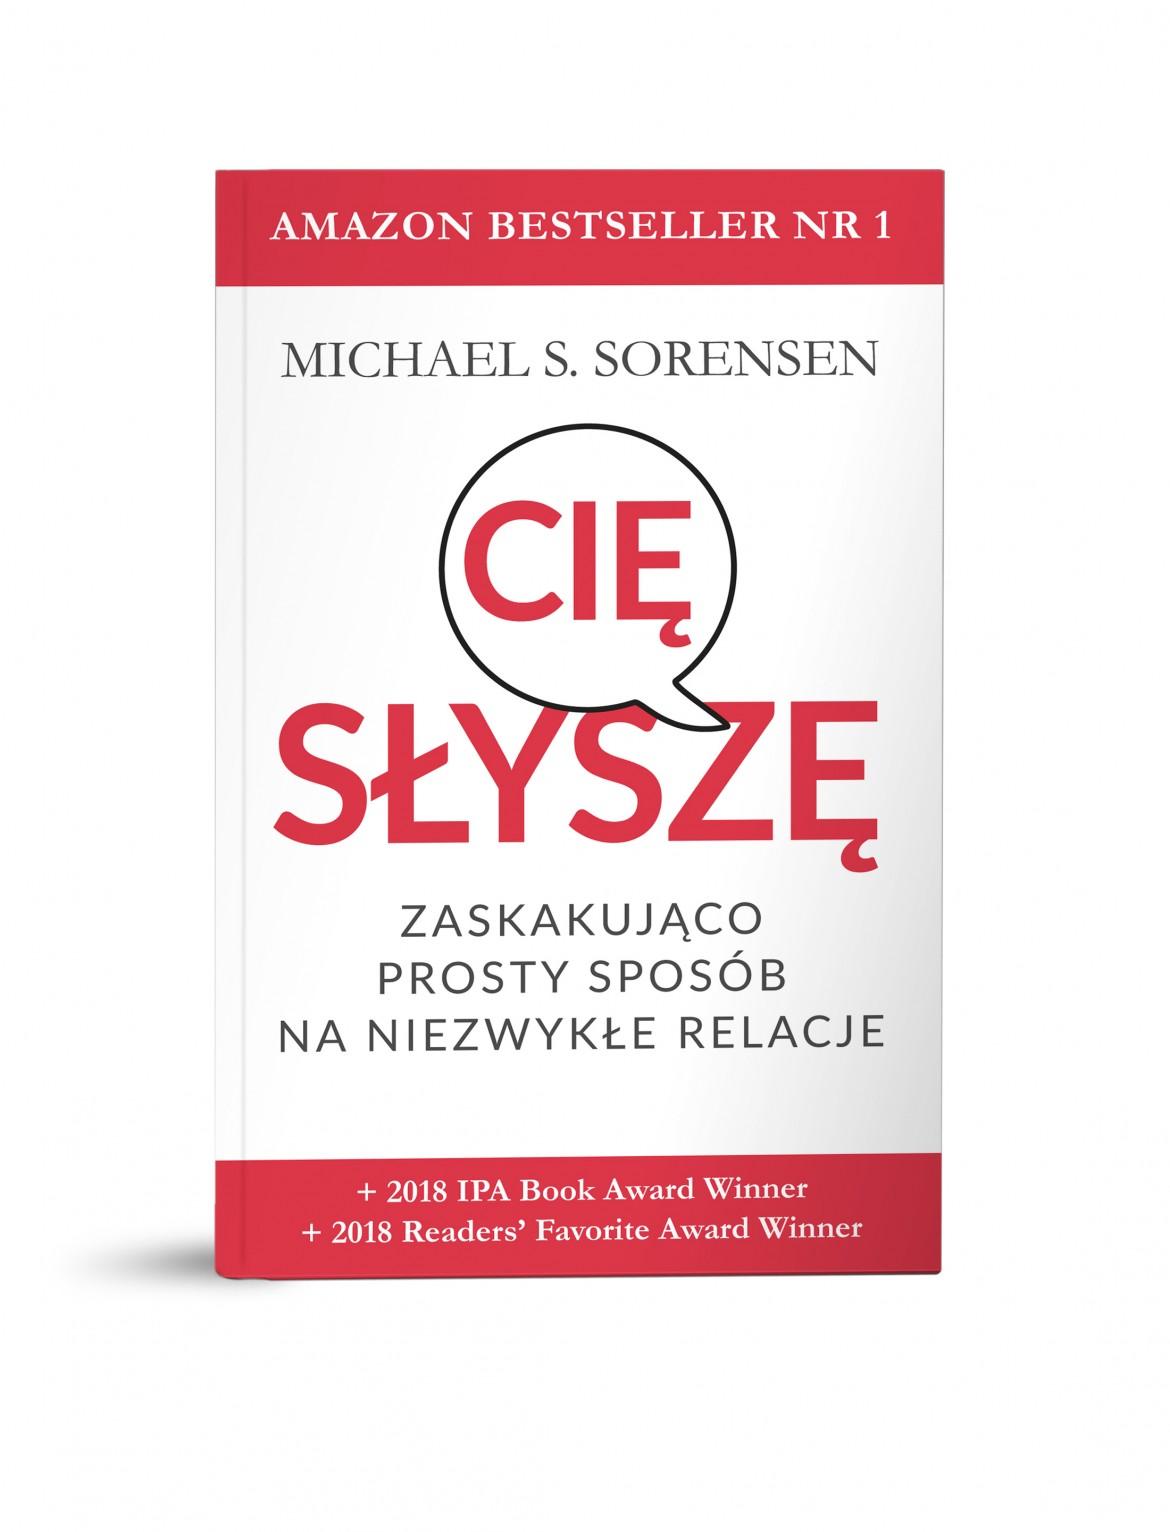 slysze_cie_iko3d_01_rgb-1.jpg